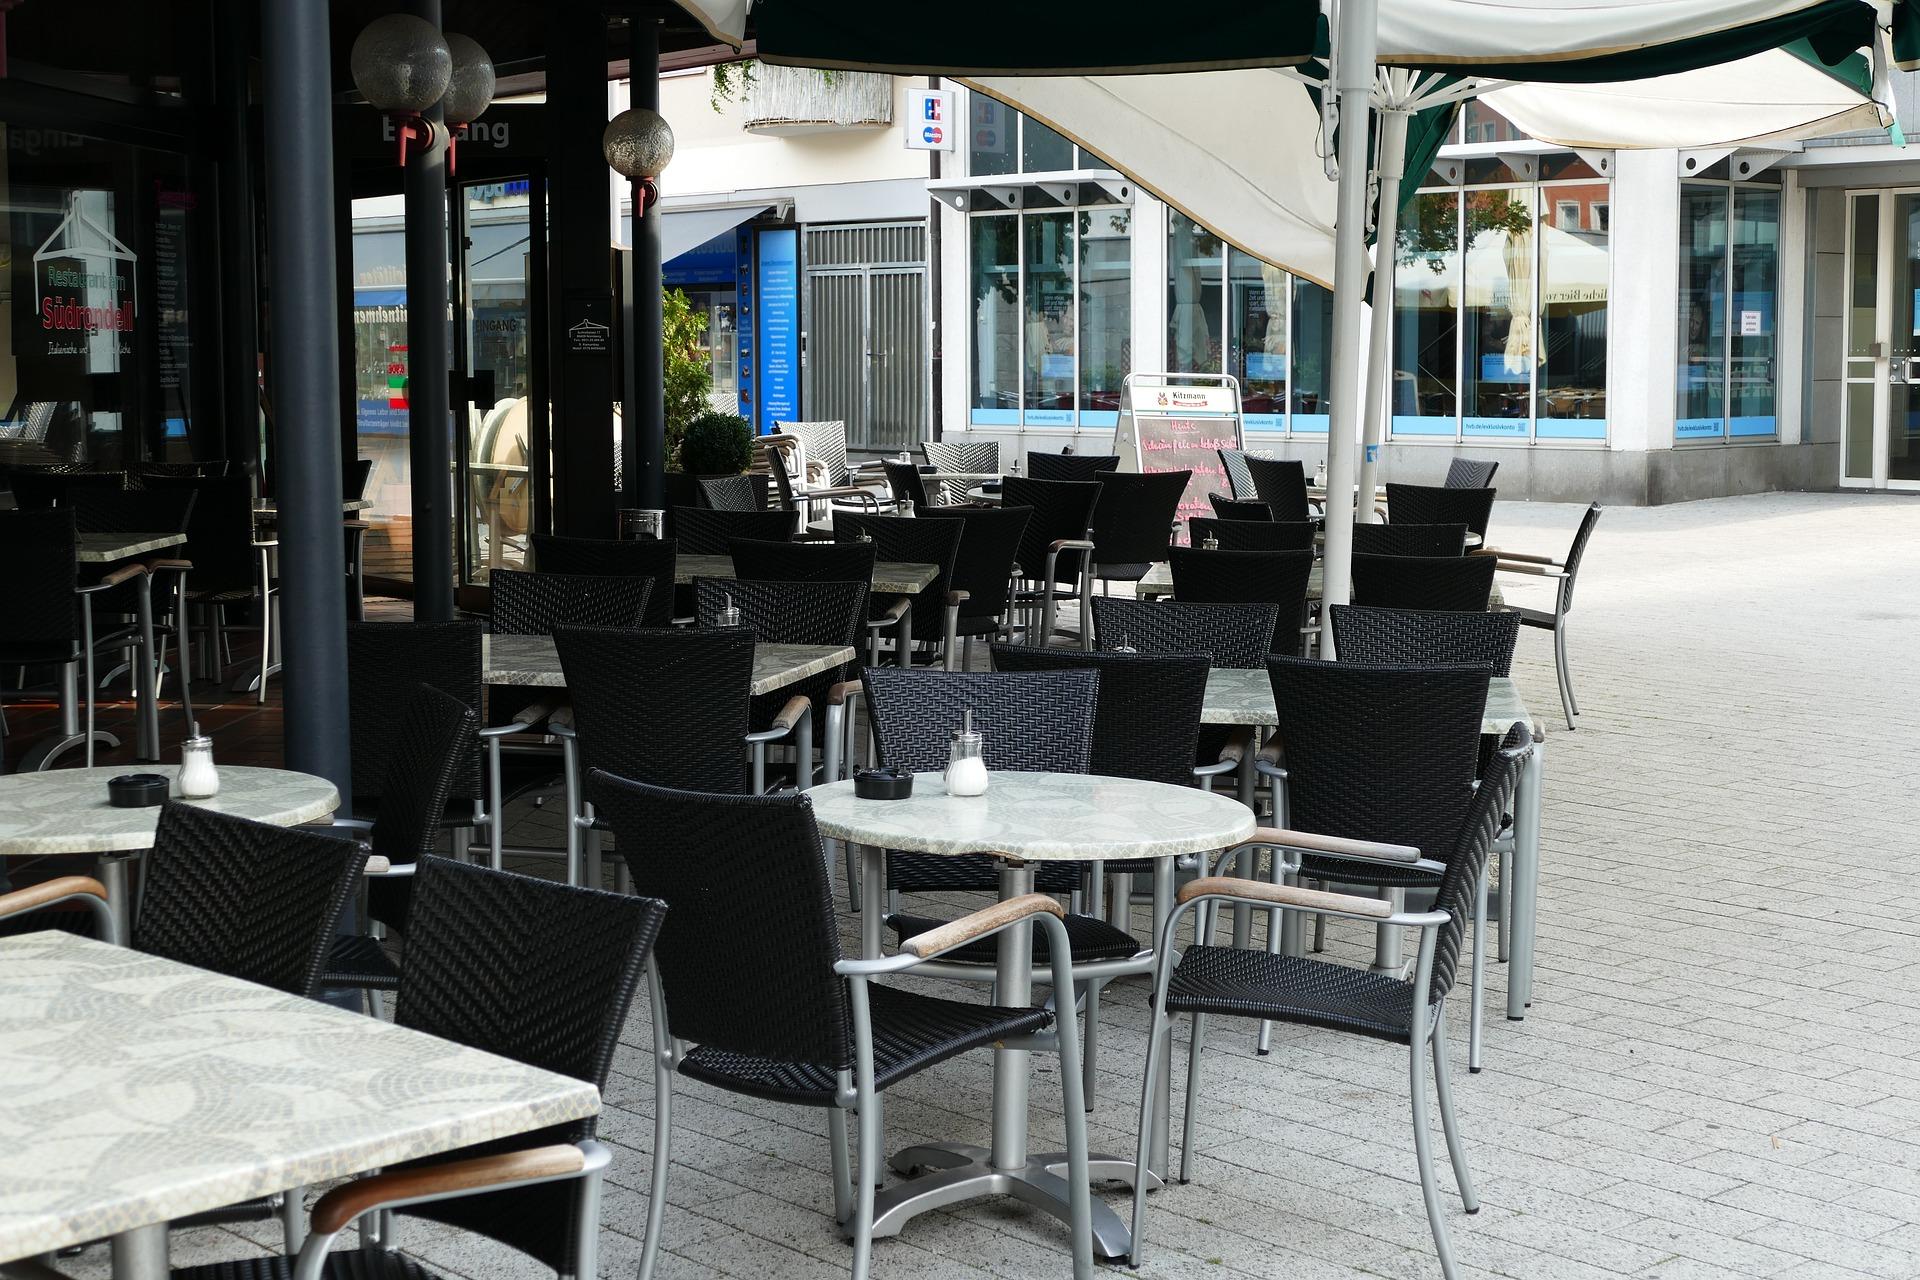 Insuficiente la reapertura de restaurantes al exterior